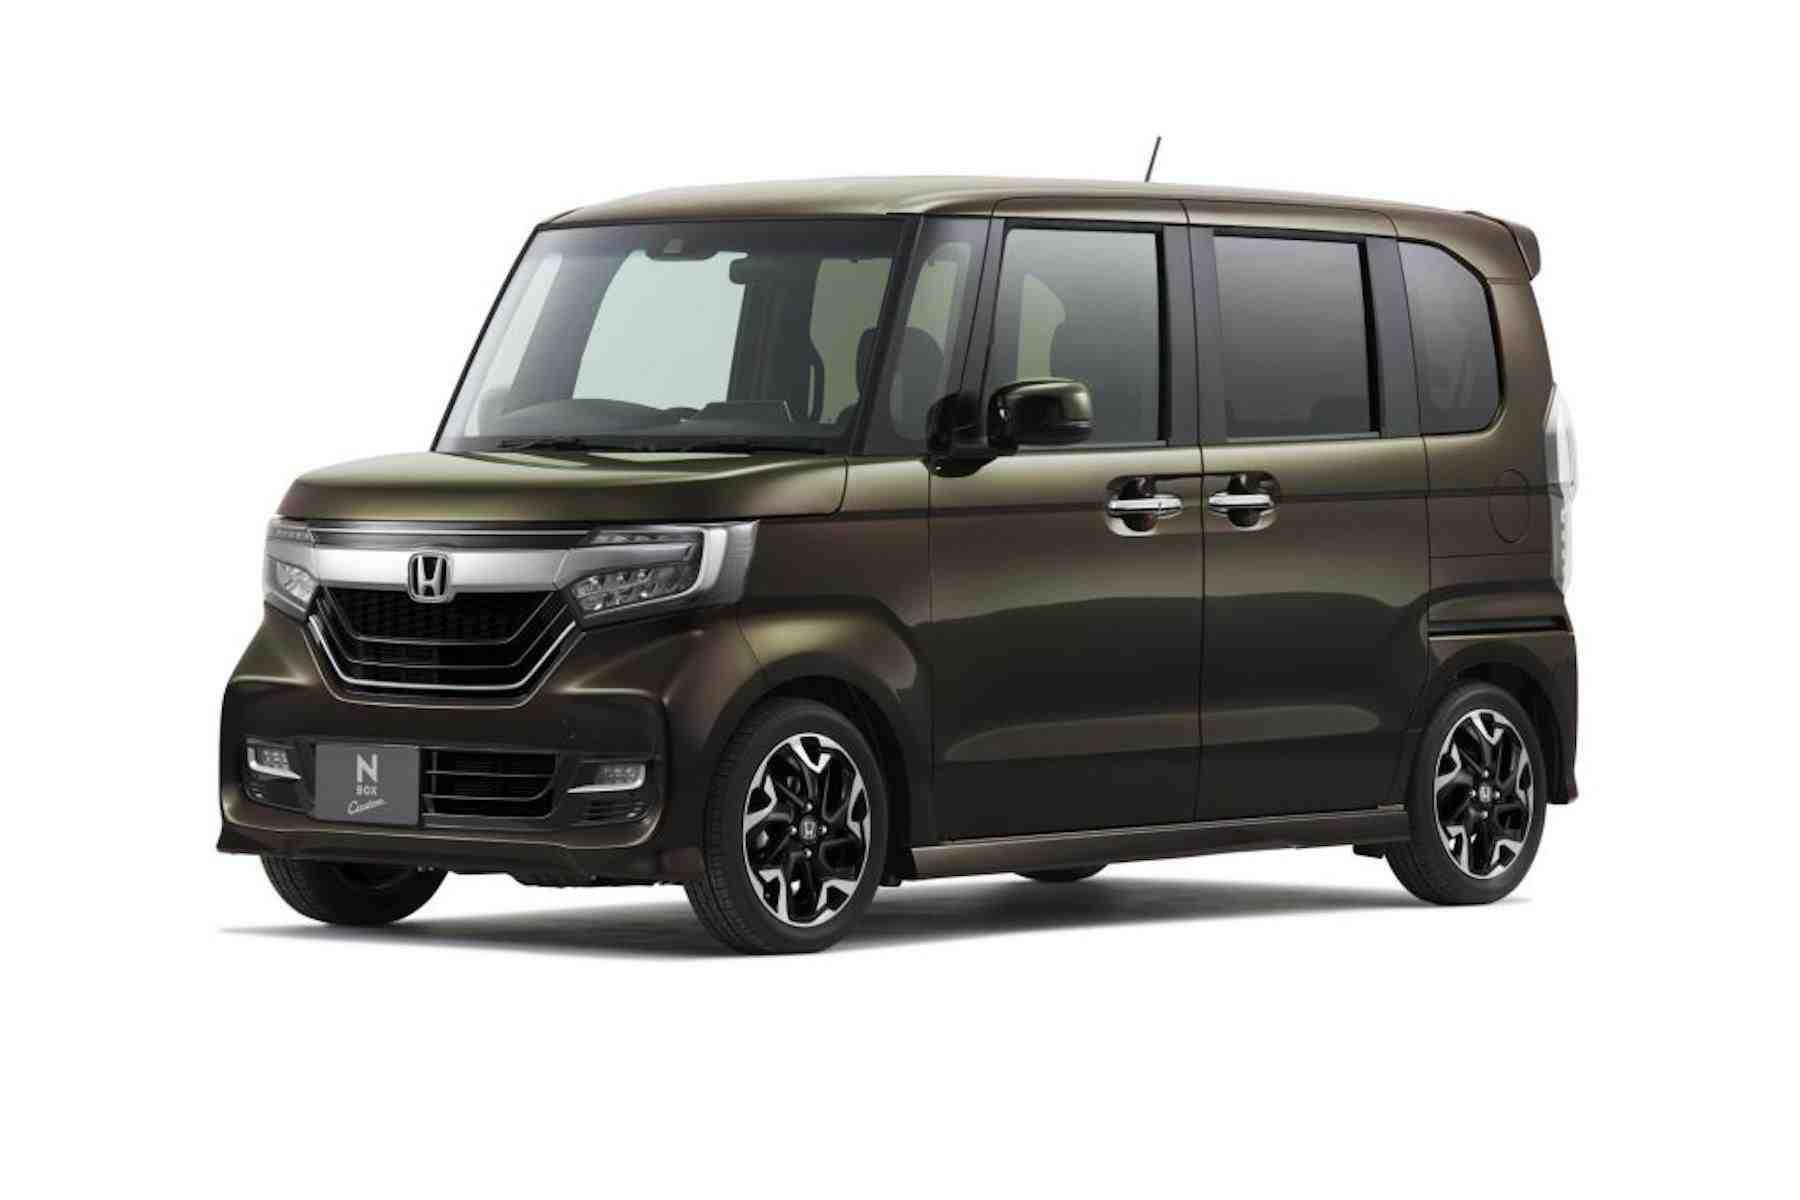 Quelles sont les meilleures voitures au Japon?